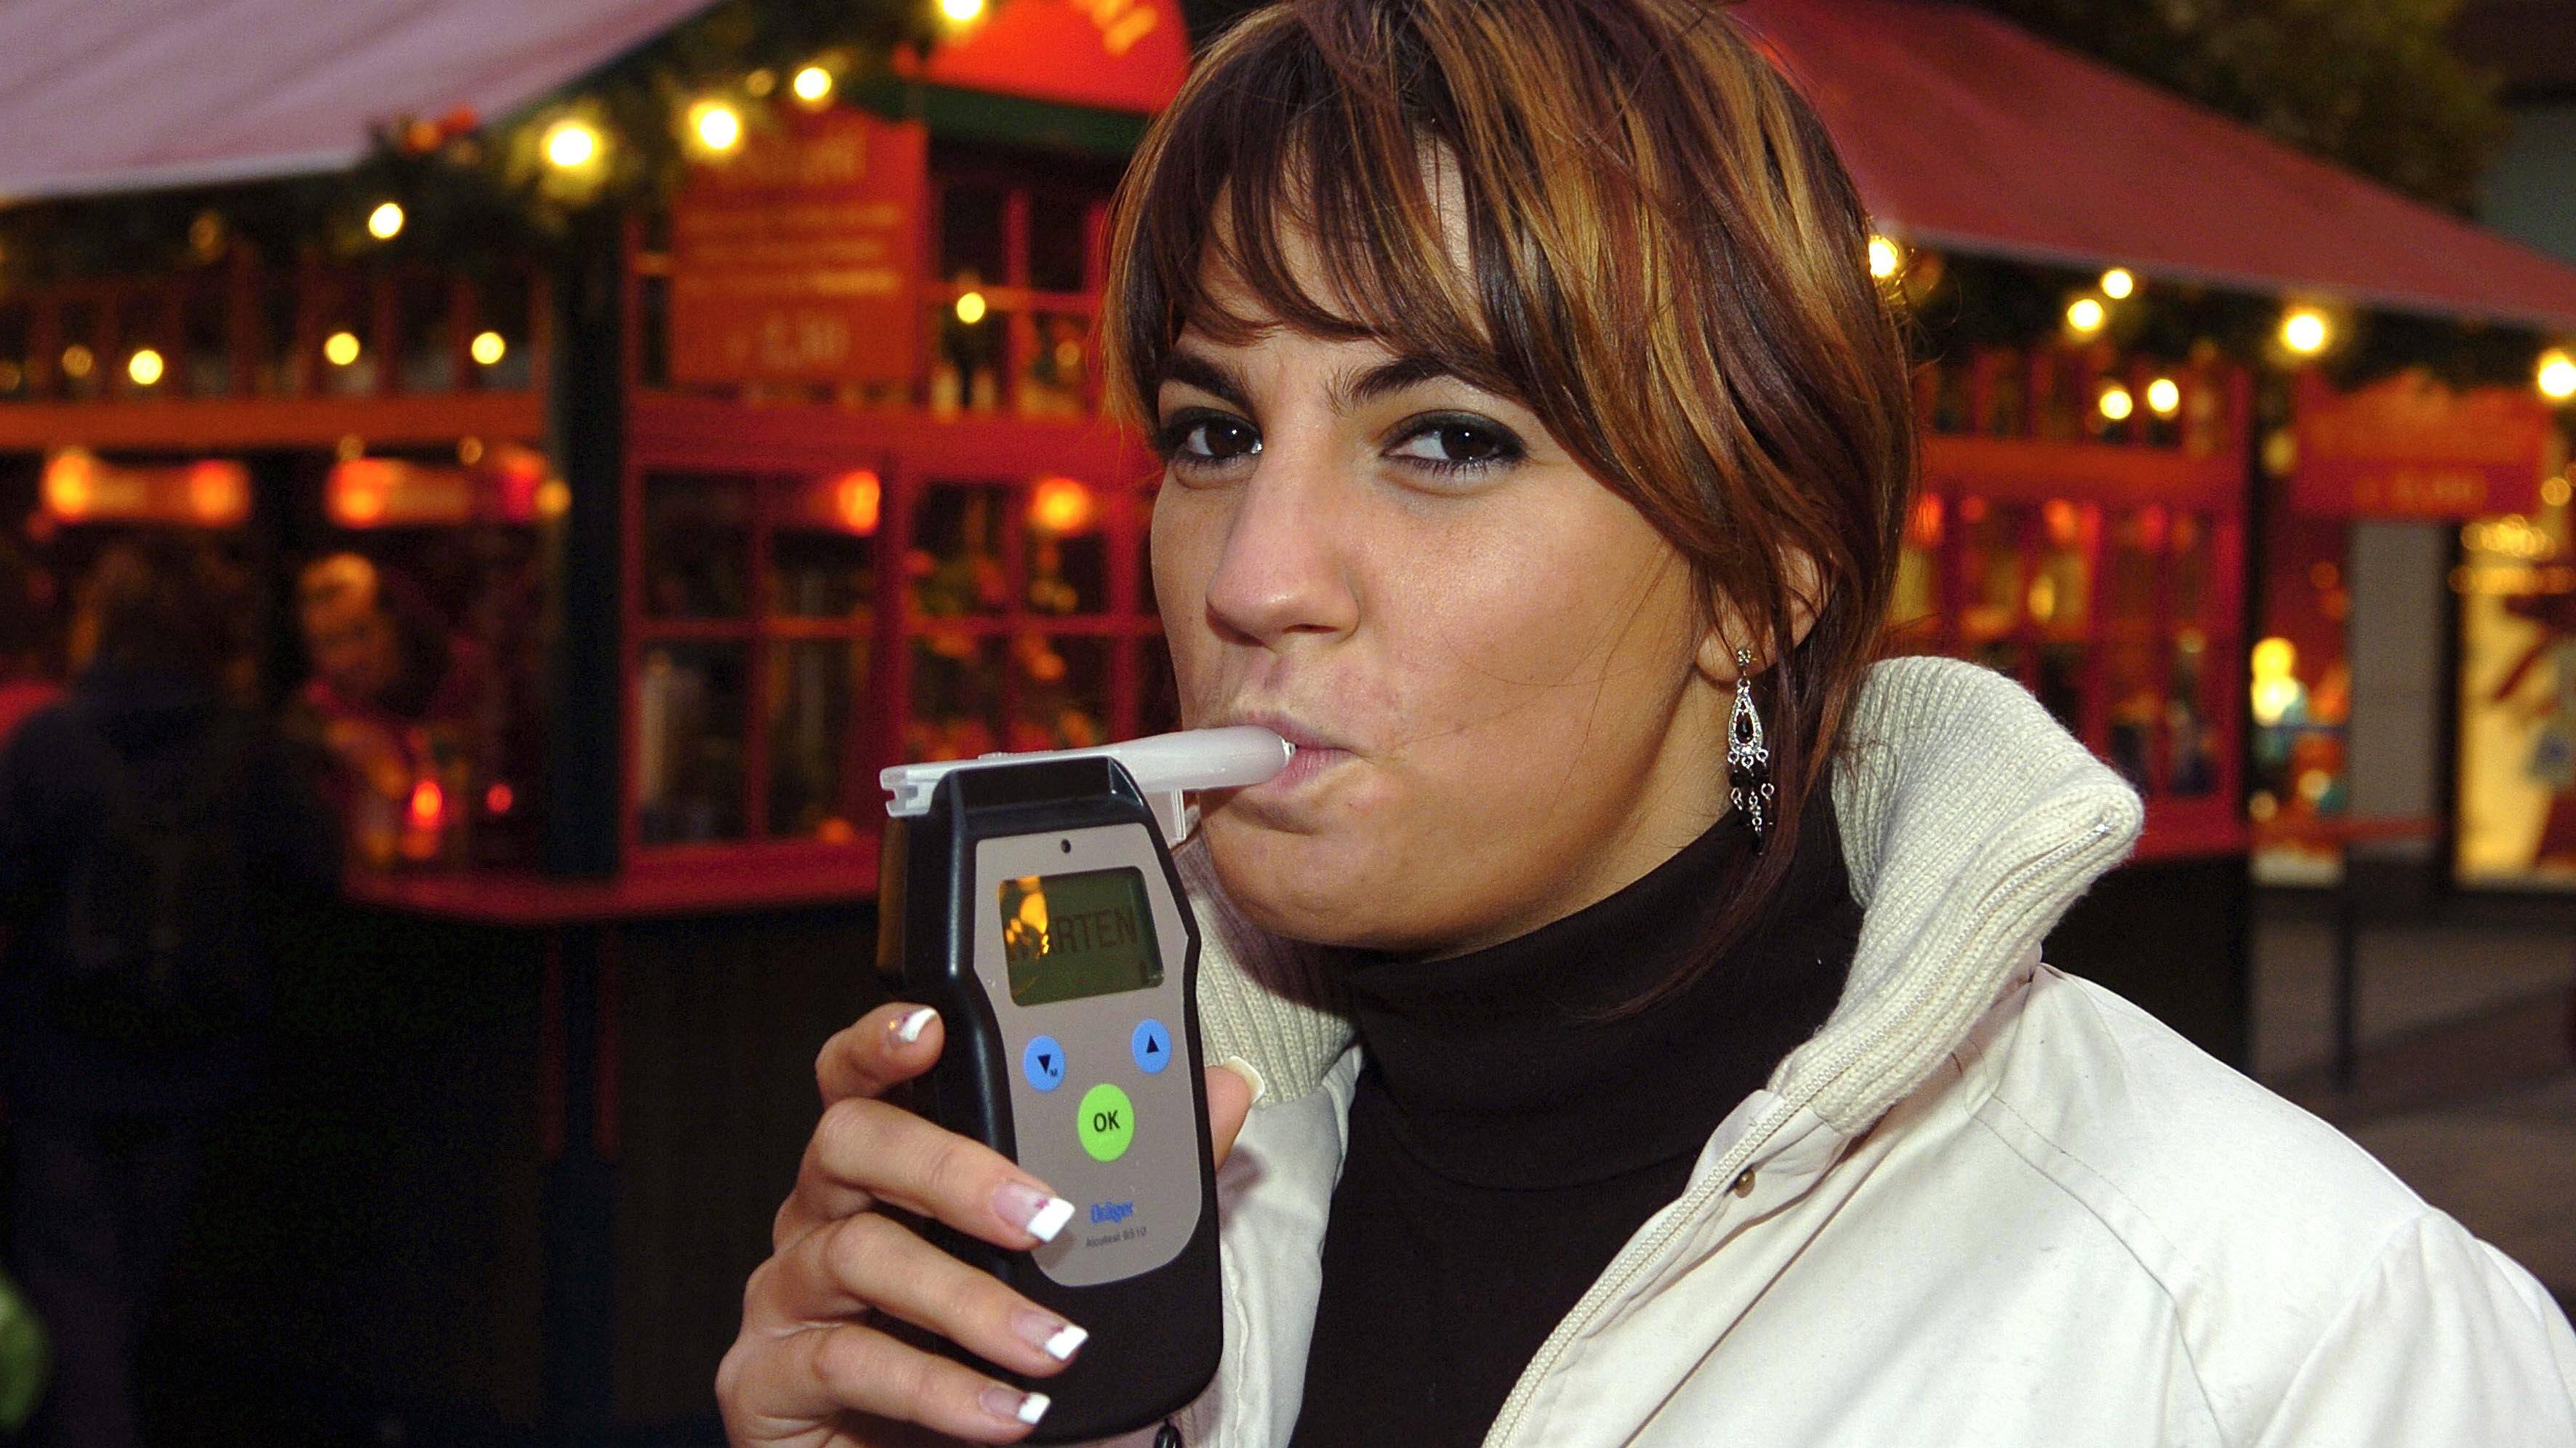 Wie viel Promille Sie nach einem Bier haben, lässt sich mit einem Alkoholtest herausfinden